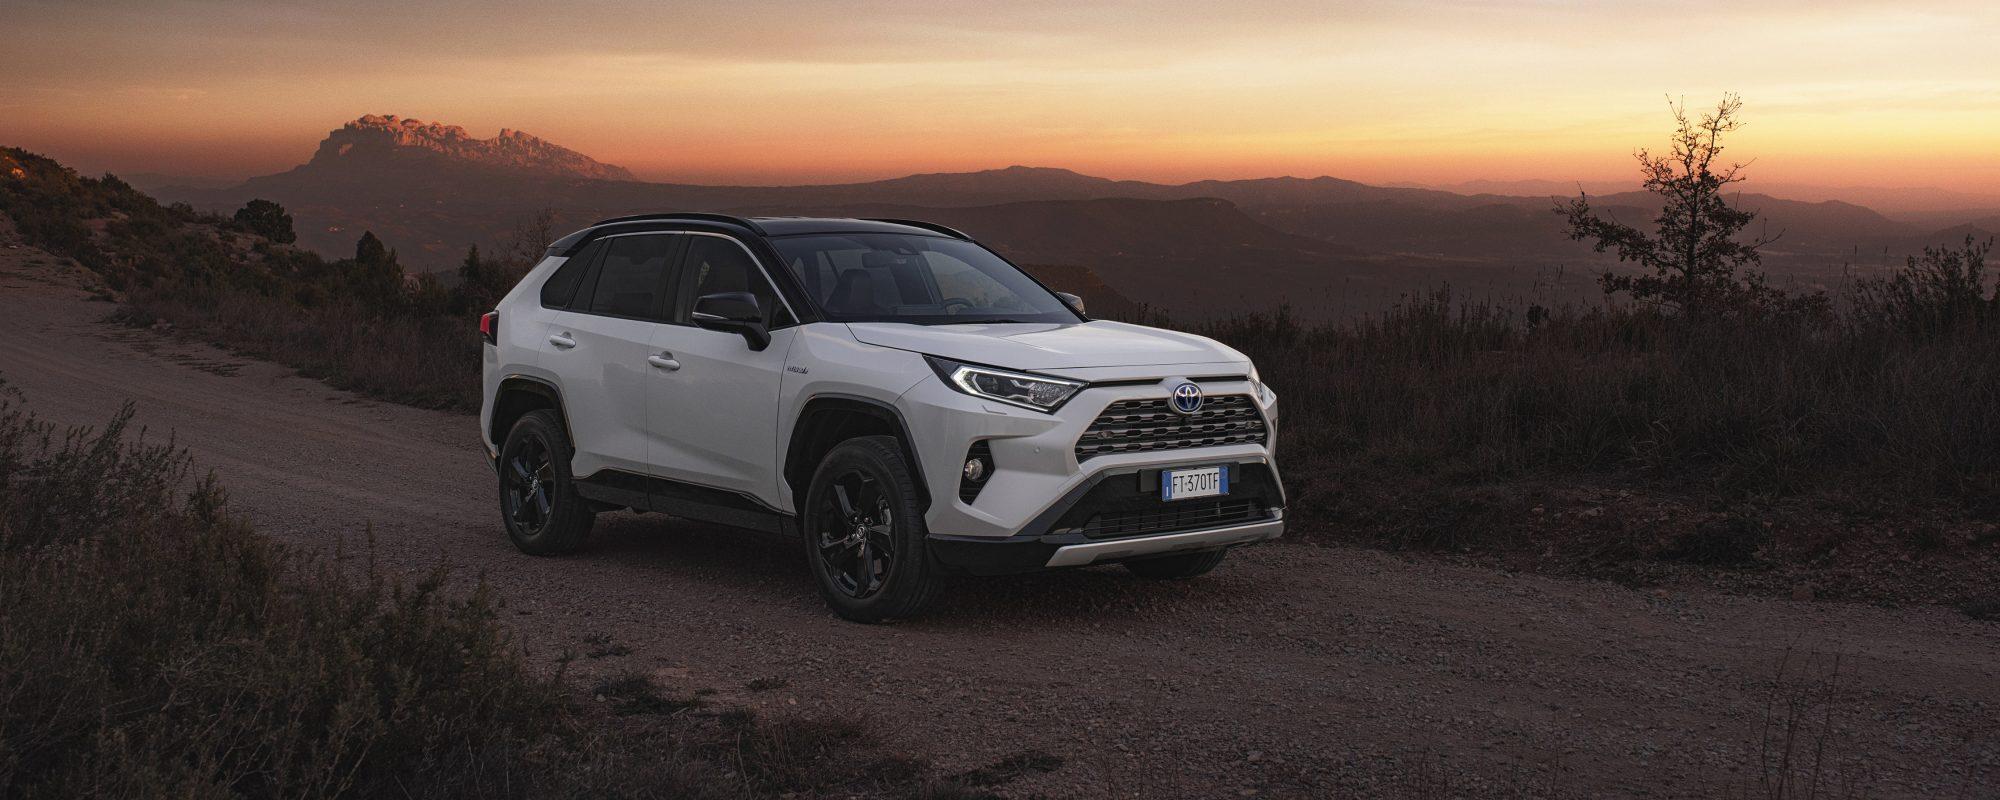 Toyota Motor Corporation bereikt mijlpaal van ruim 15 miljoen verkochte hybride-auto's